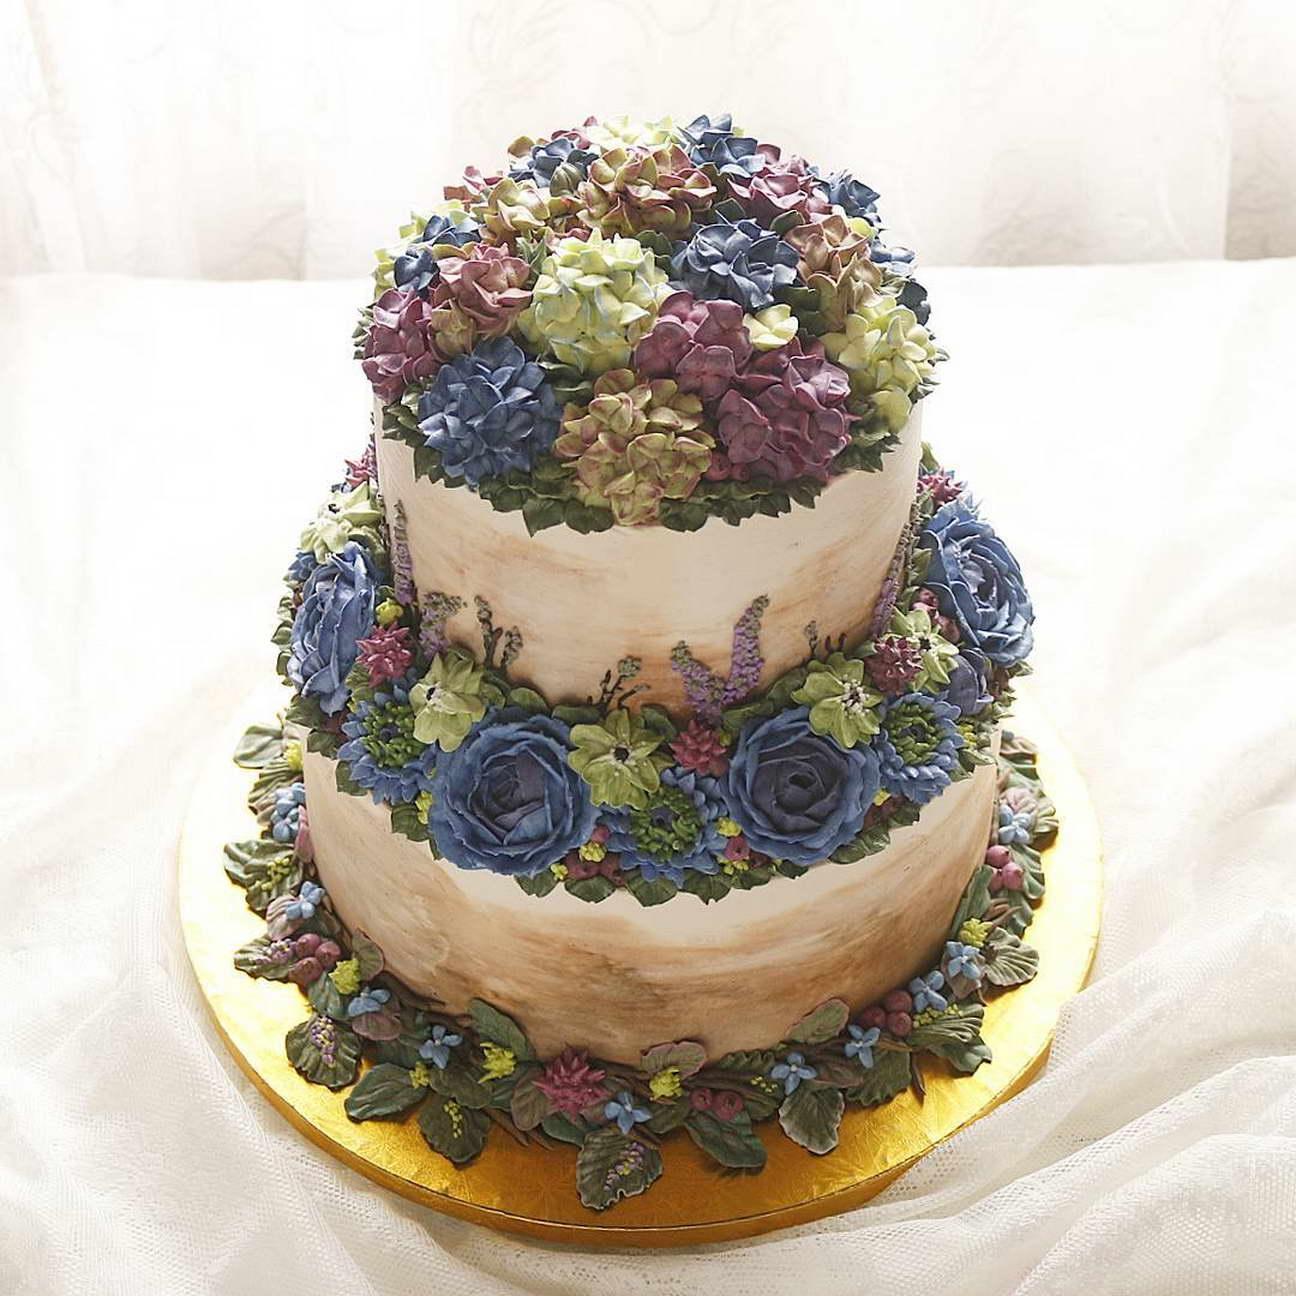 kézműves virág torta, kreatív - 3 emeletes